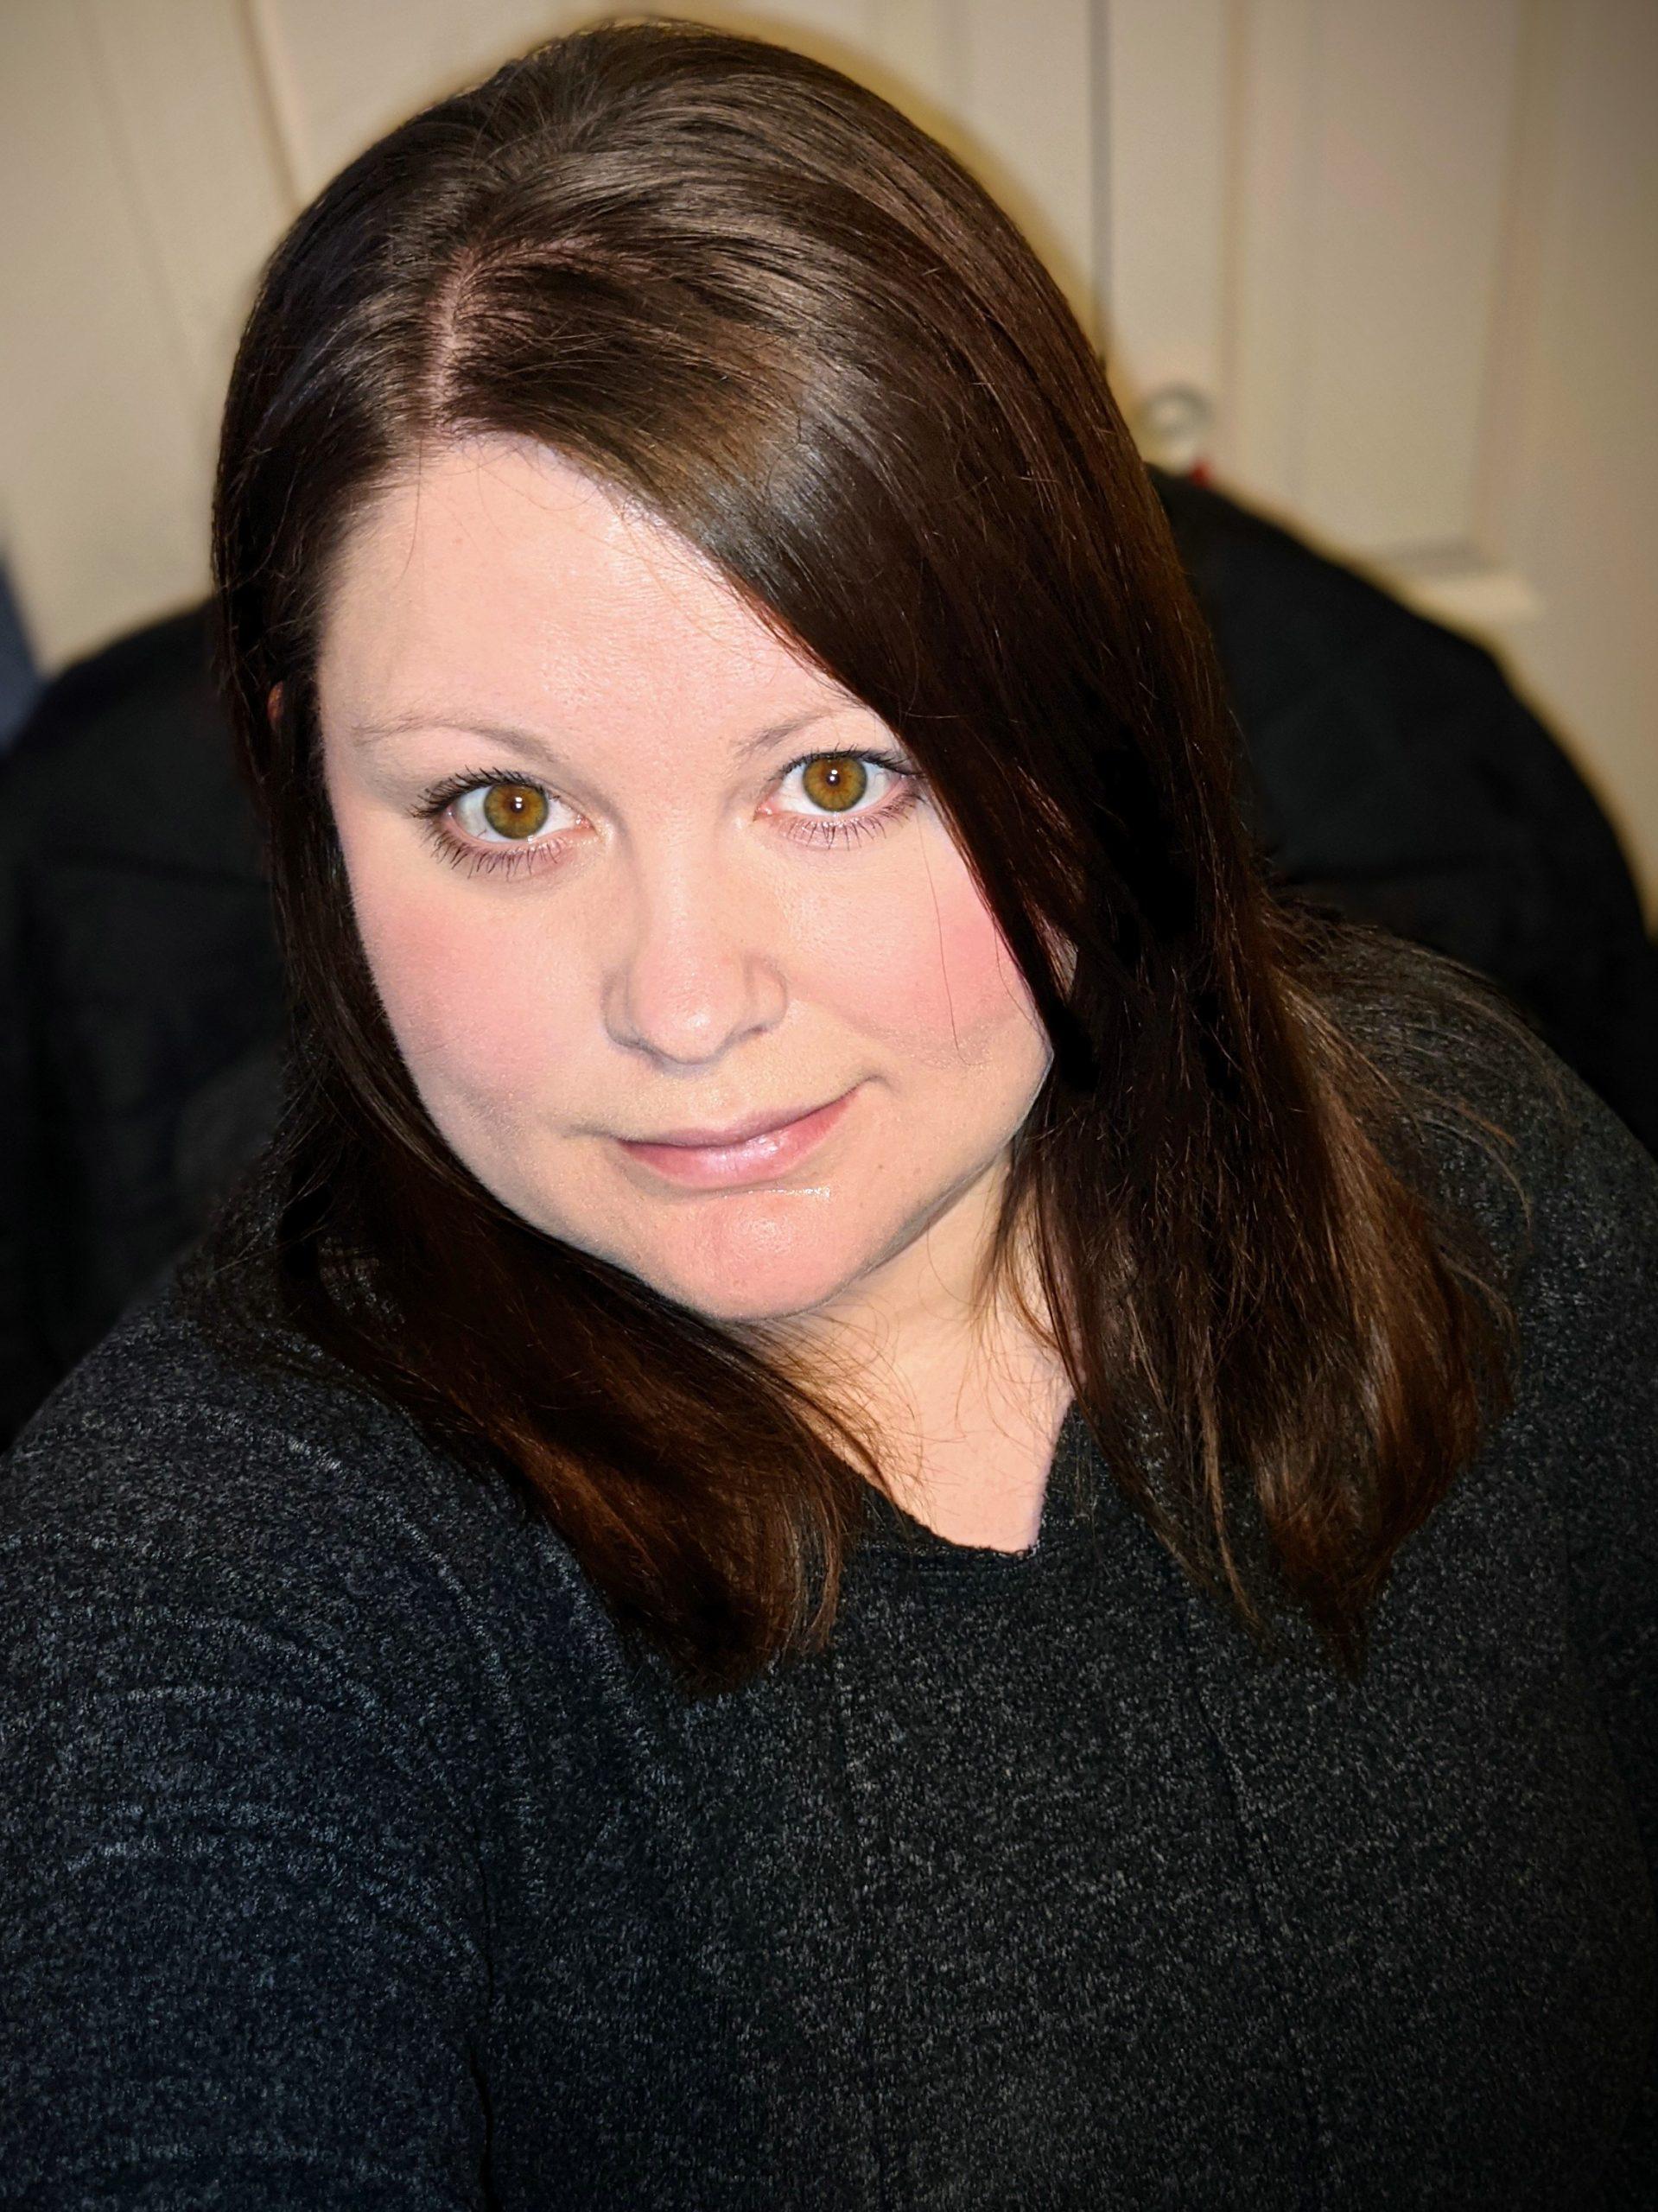 Samantha Turvey